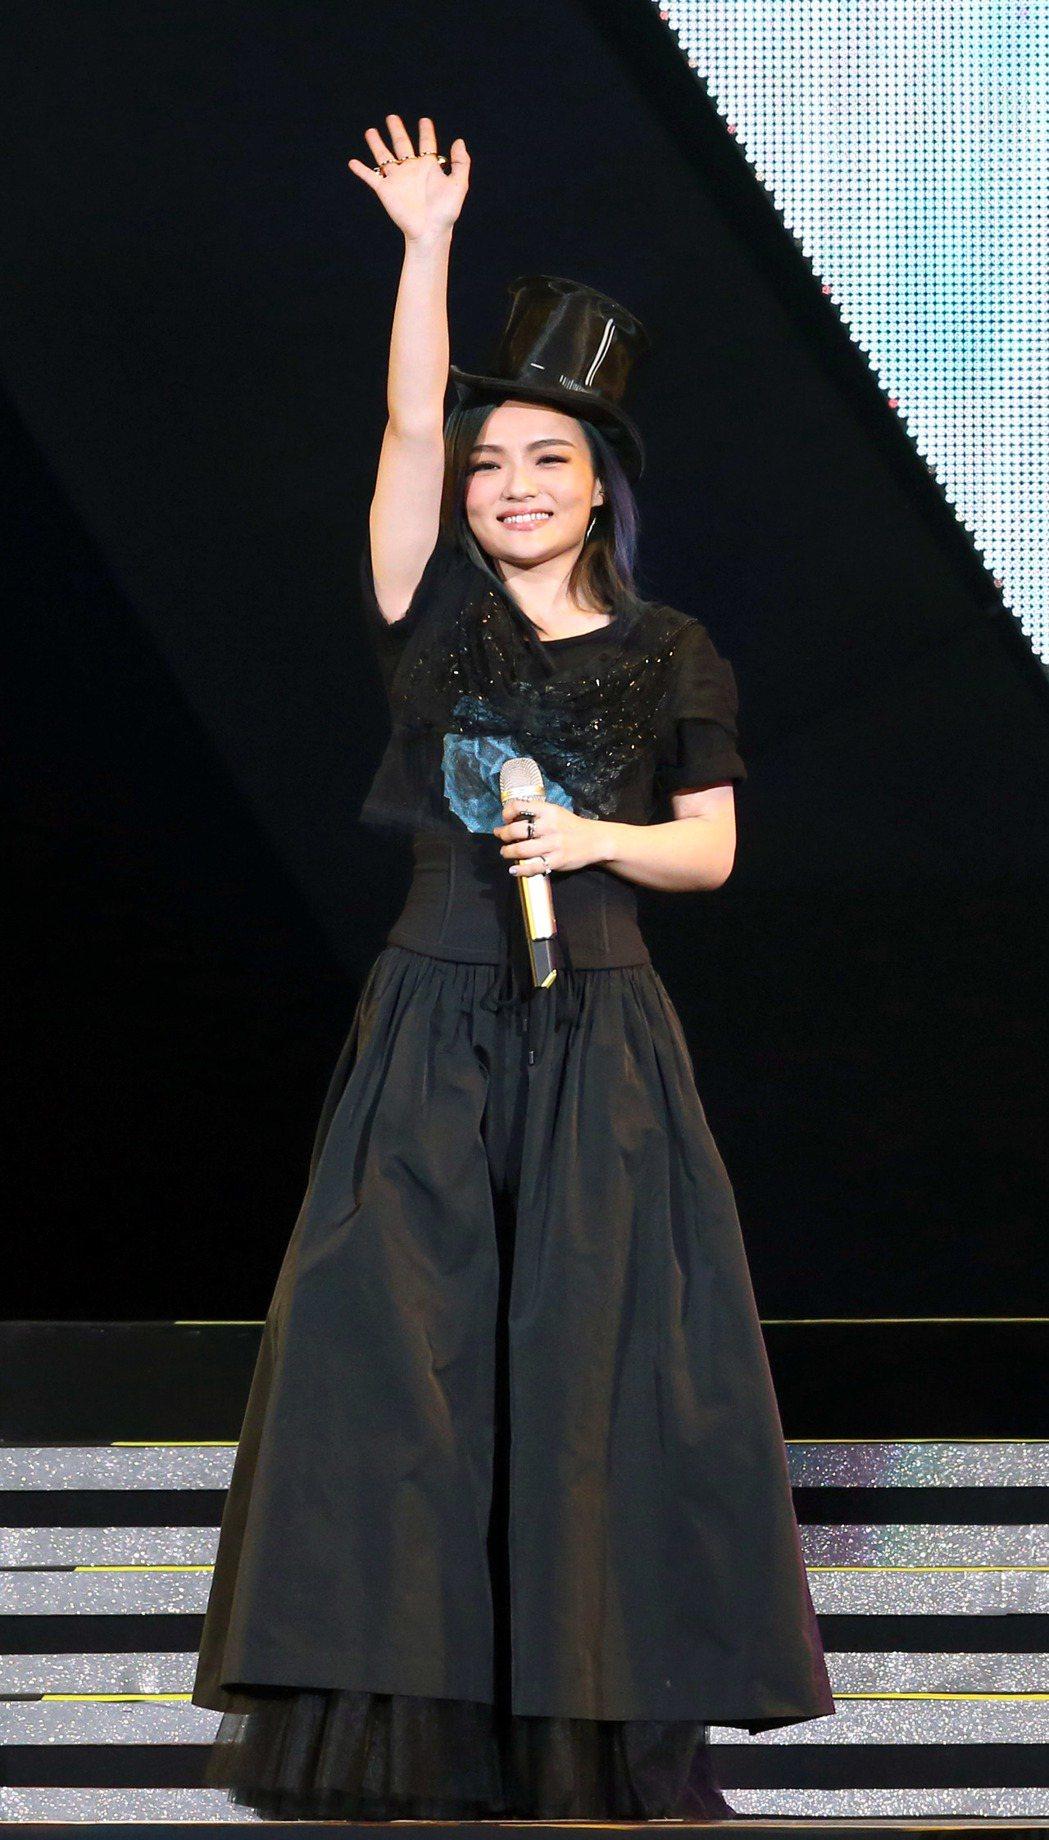 徐佳瑩「是日救星」演唱會昨天在台北小巨蛋舉行。記者屠惠剛/攝影